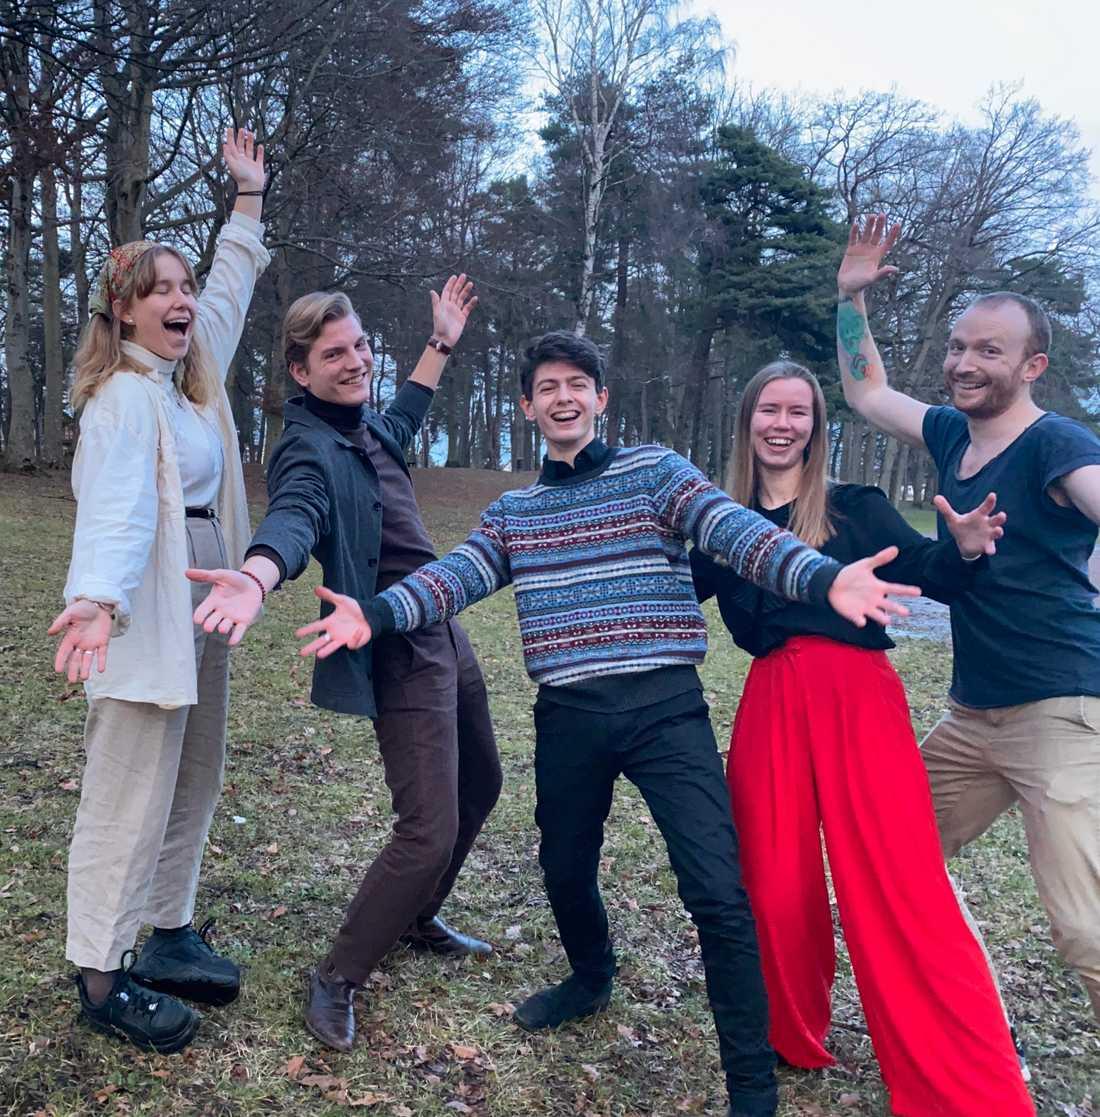 Ätbarts styrelse: Thea Tanhua, Gabriel Johansson, Mickaël Gayet, Margit Hägglund och Daniel Haraldius.